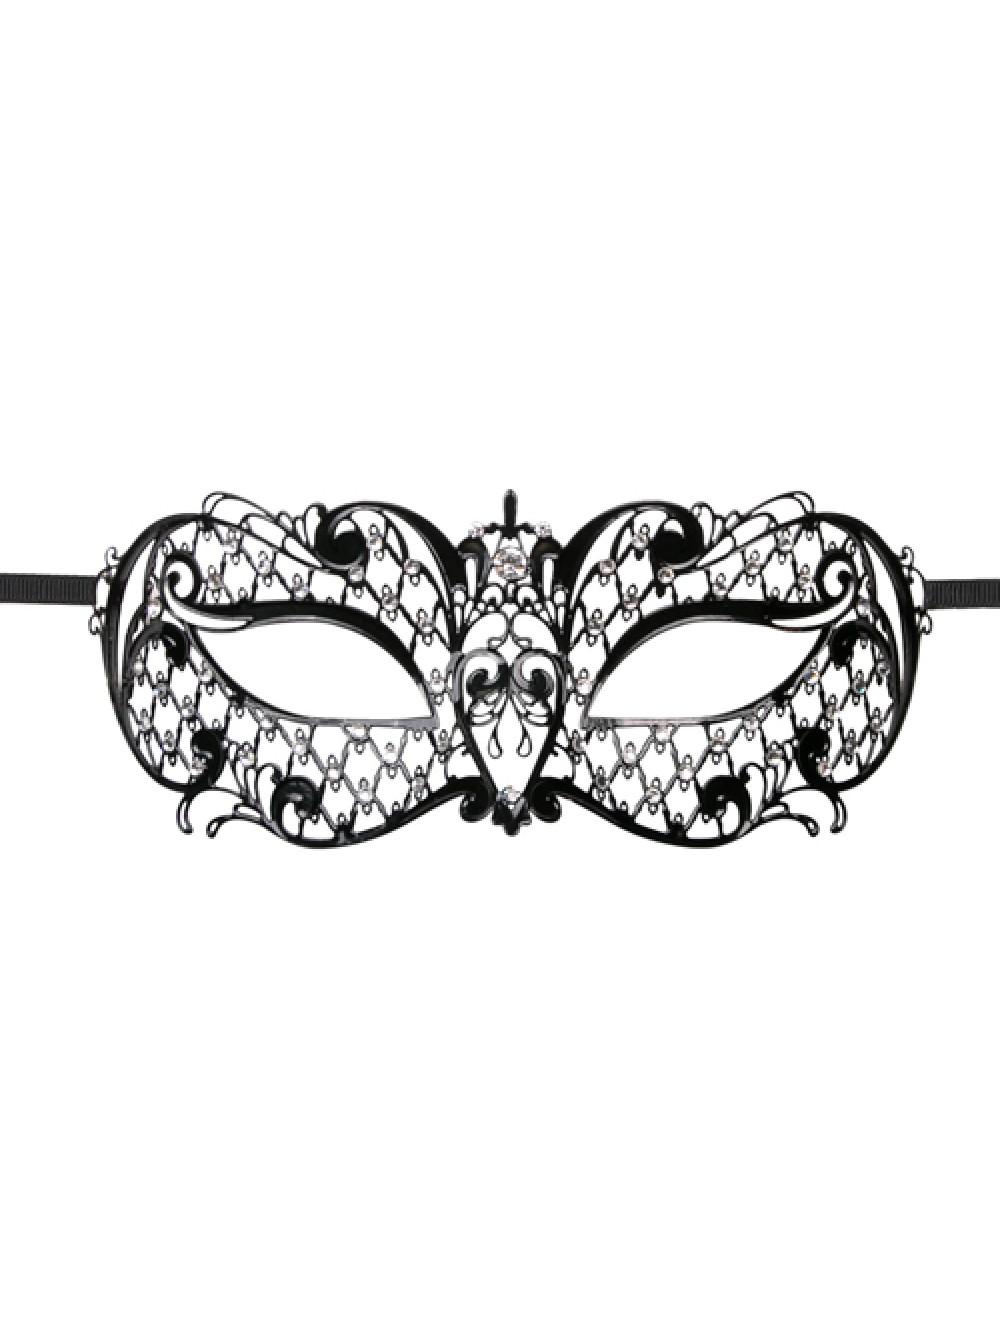 Metal Mask Black 8718627525500